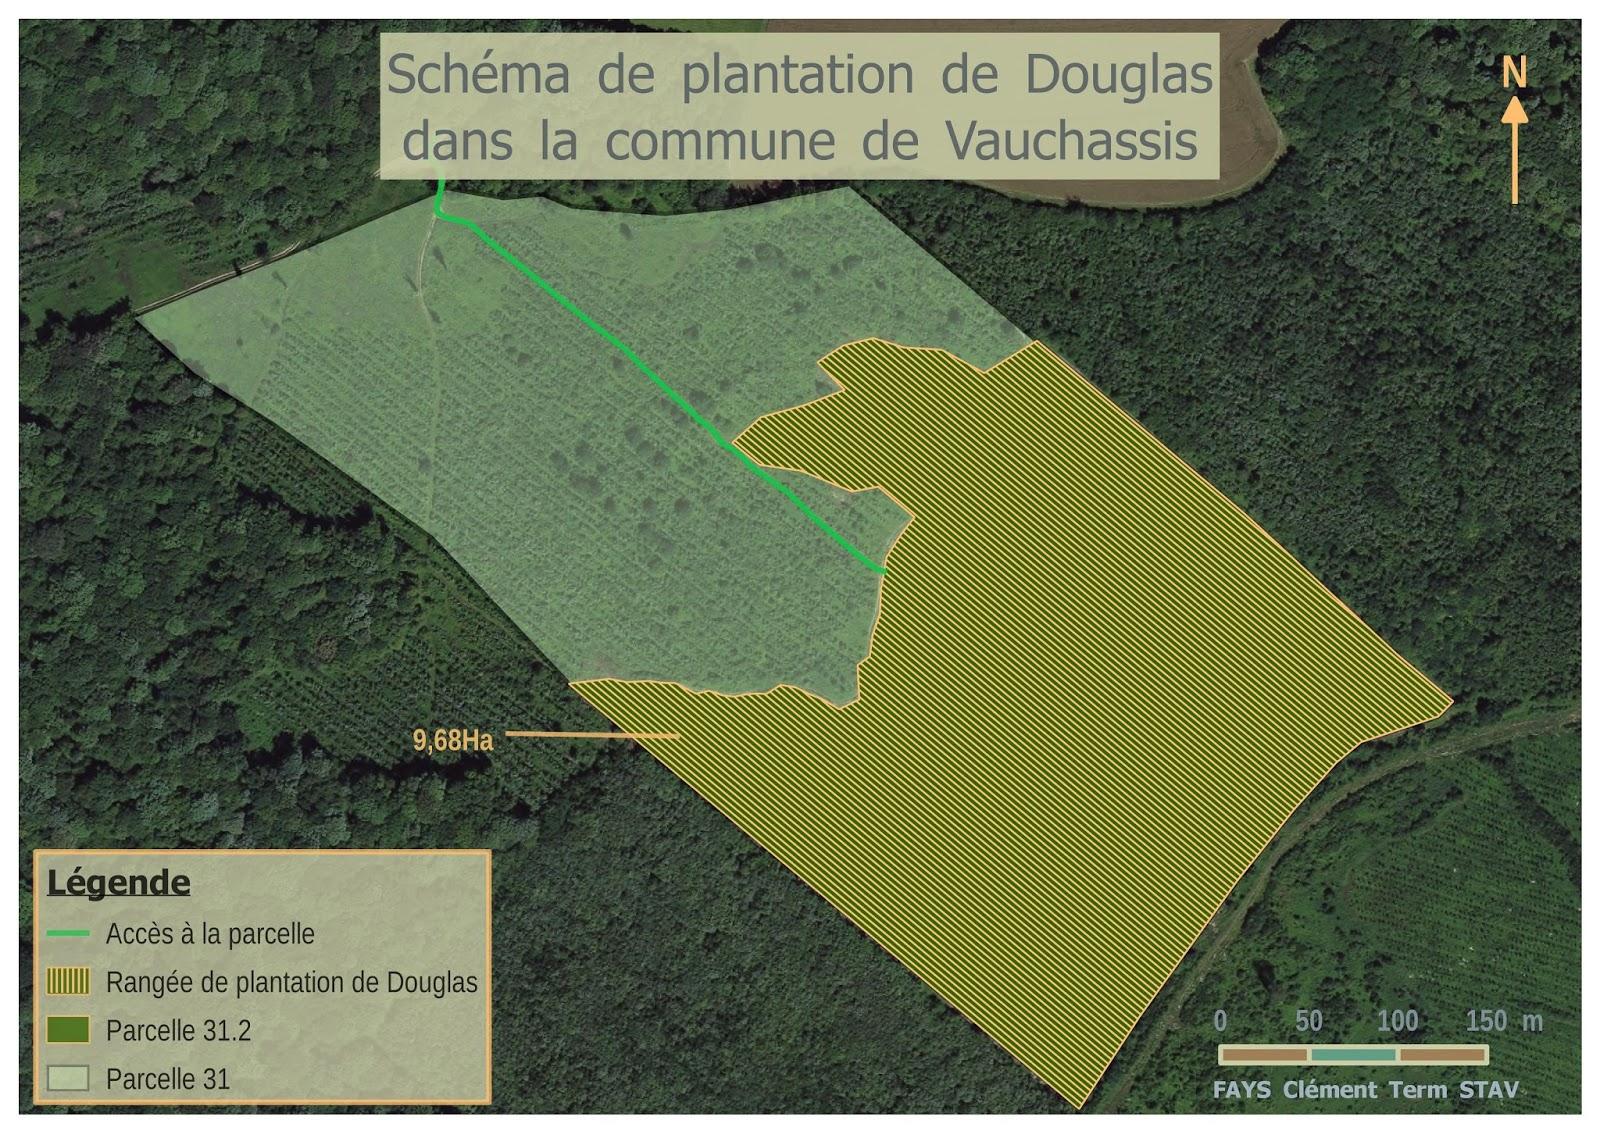 Schéma de plantation de Douglas | Des cartes et des élèves